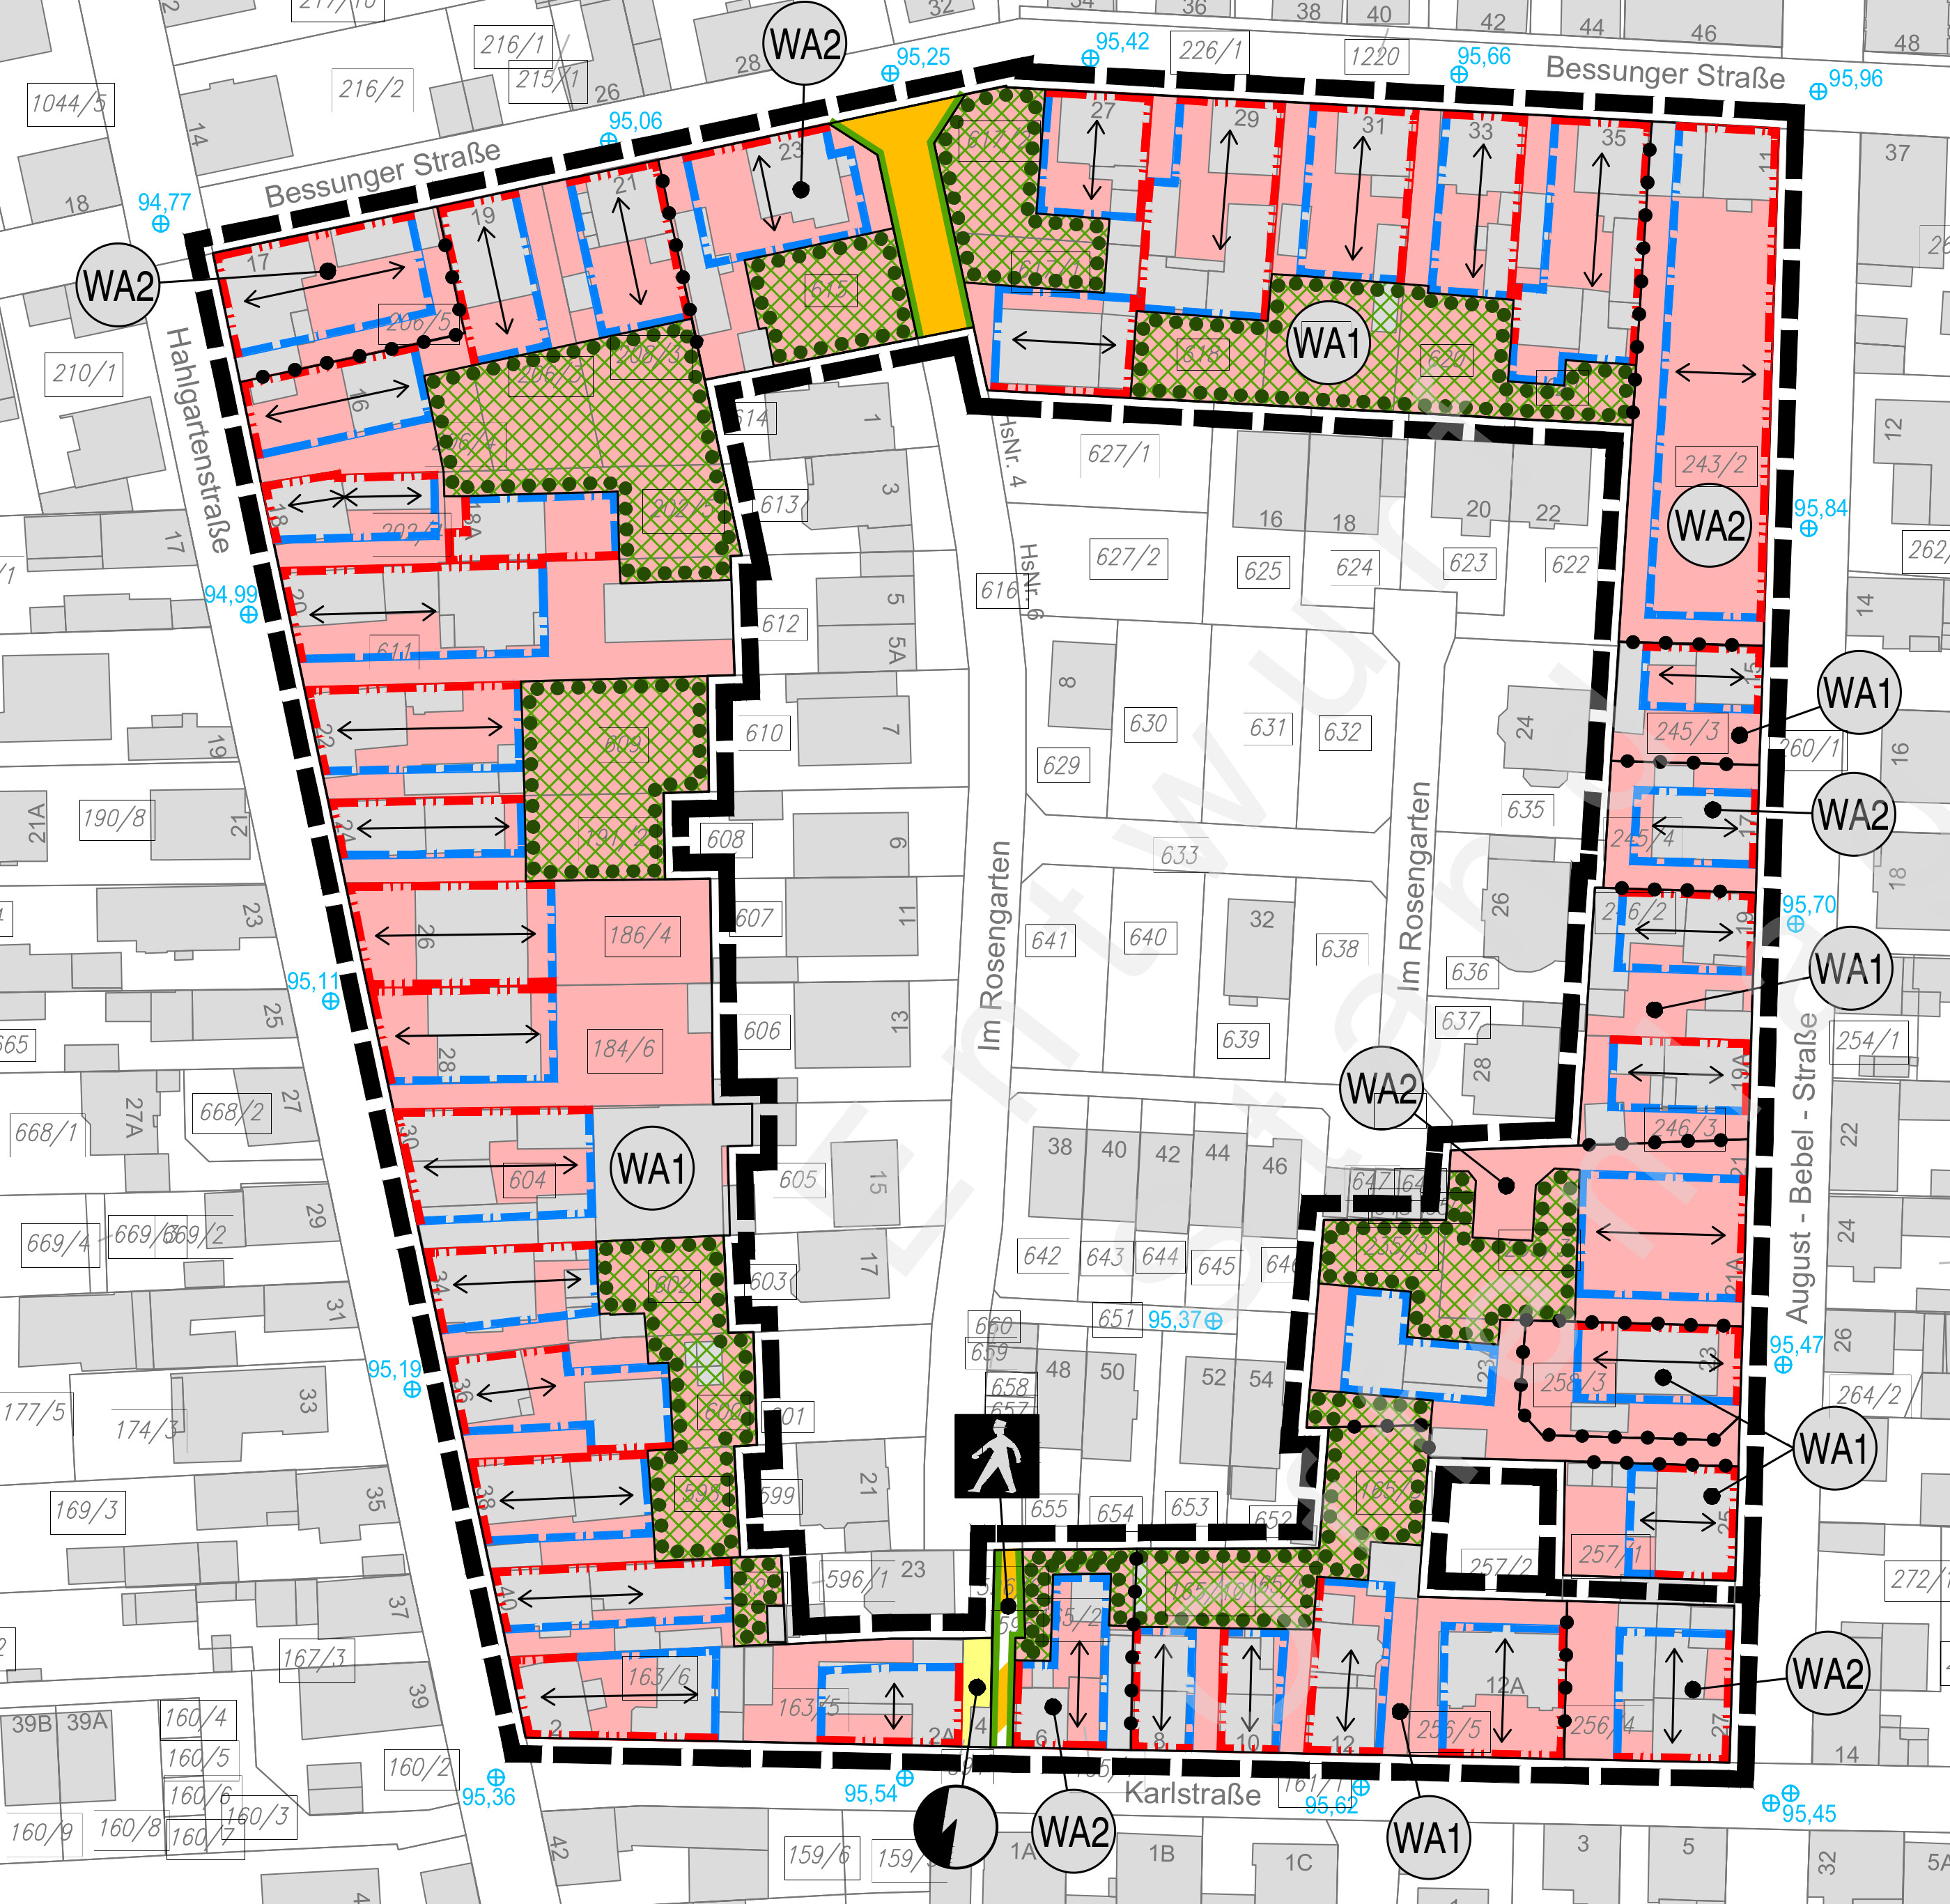 Bebauungsplan-Entwurf für das Quartier August-Bebel-Straße / Hahlgartenstraße / Karlstraße / Bessunger Straße